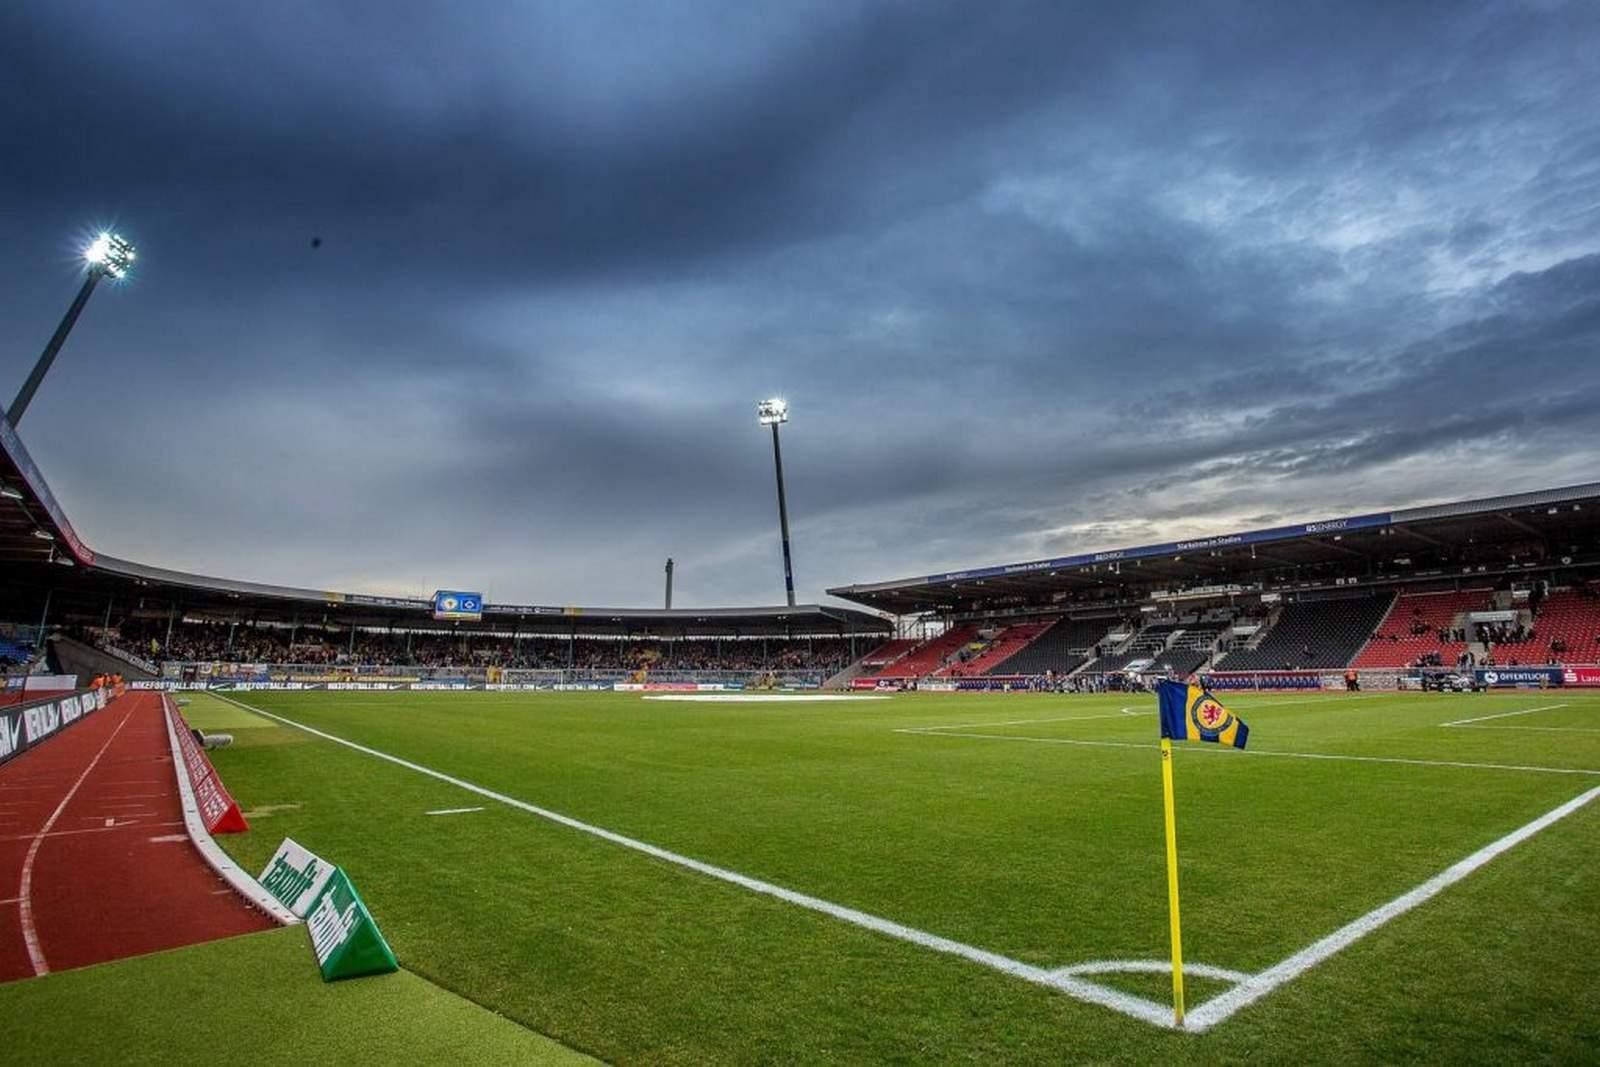 Eintracht Stadion in Braunschweig